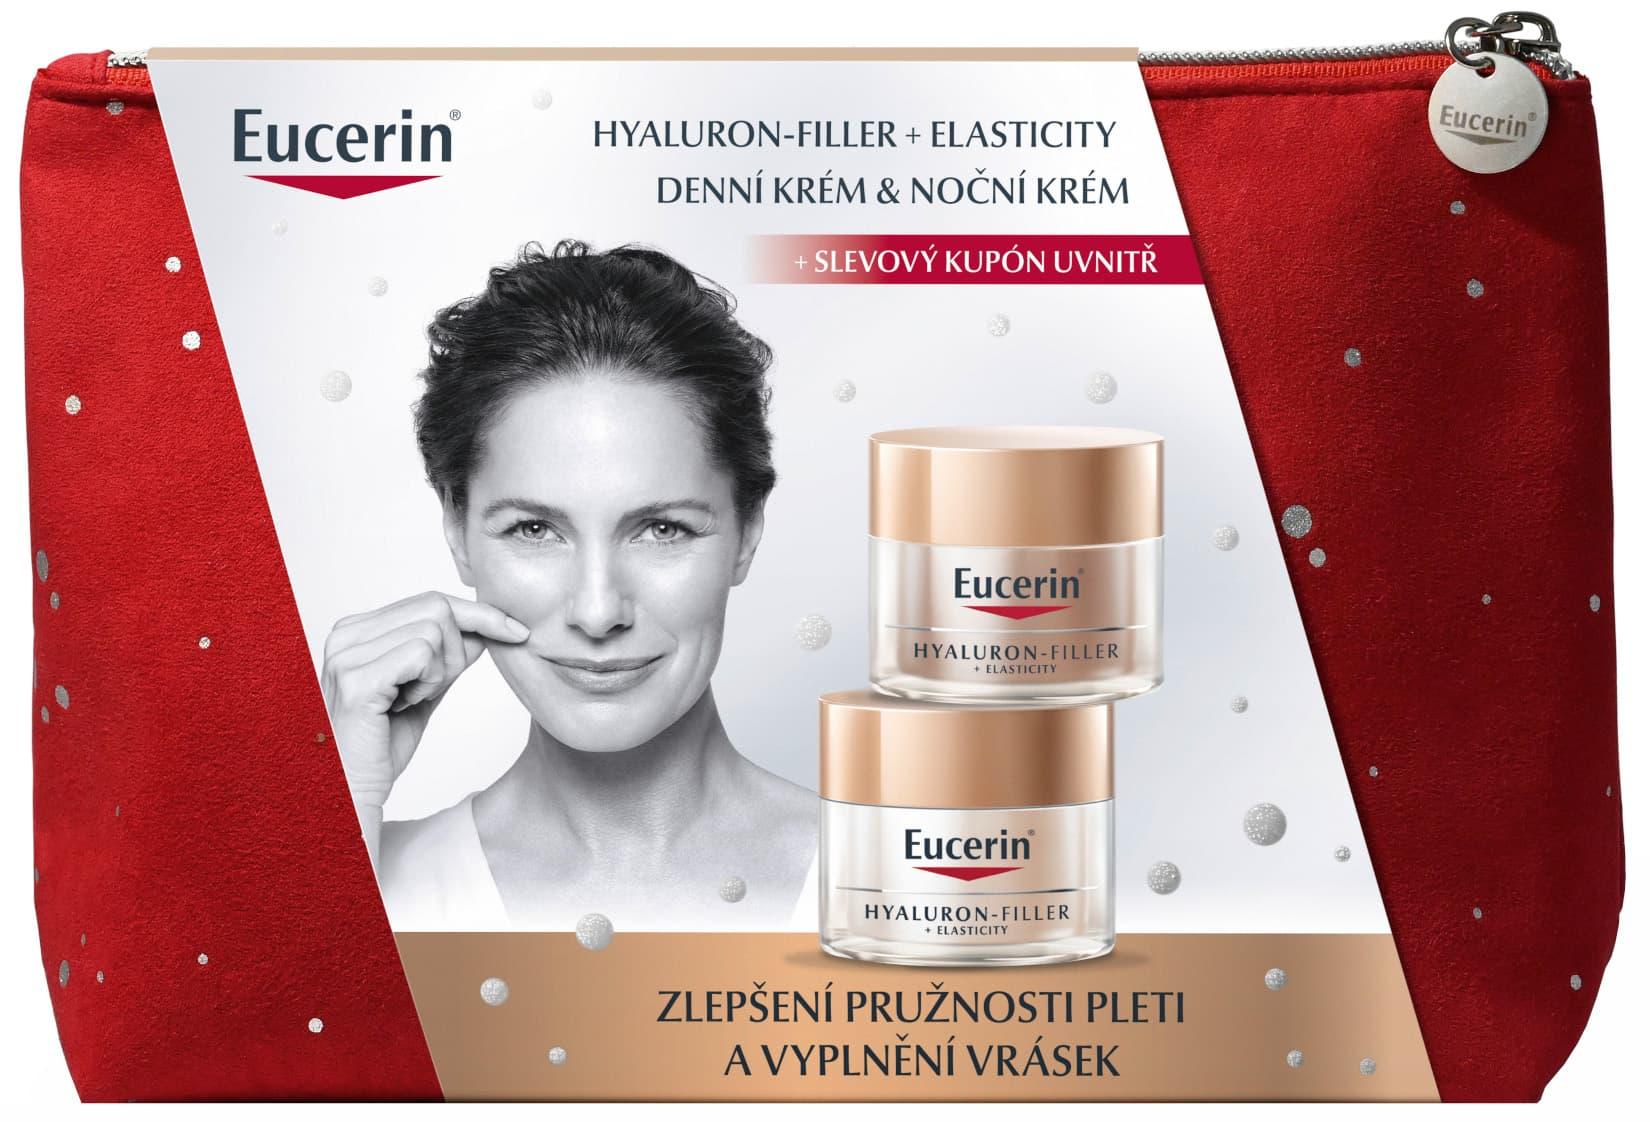 Eucerin Hyaluron-Filler + Elasticity vánoční kazeta 2021